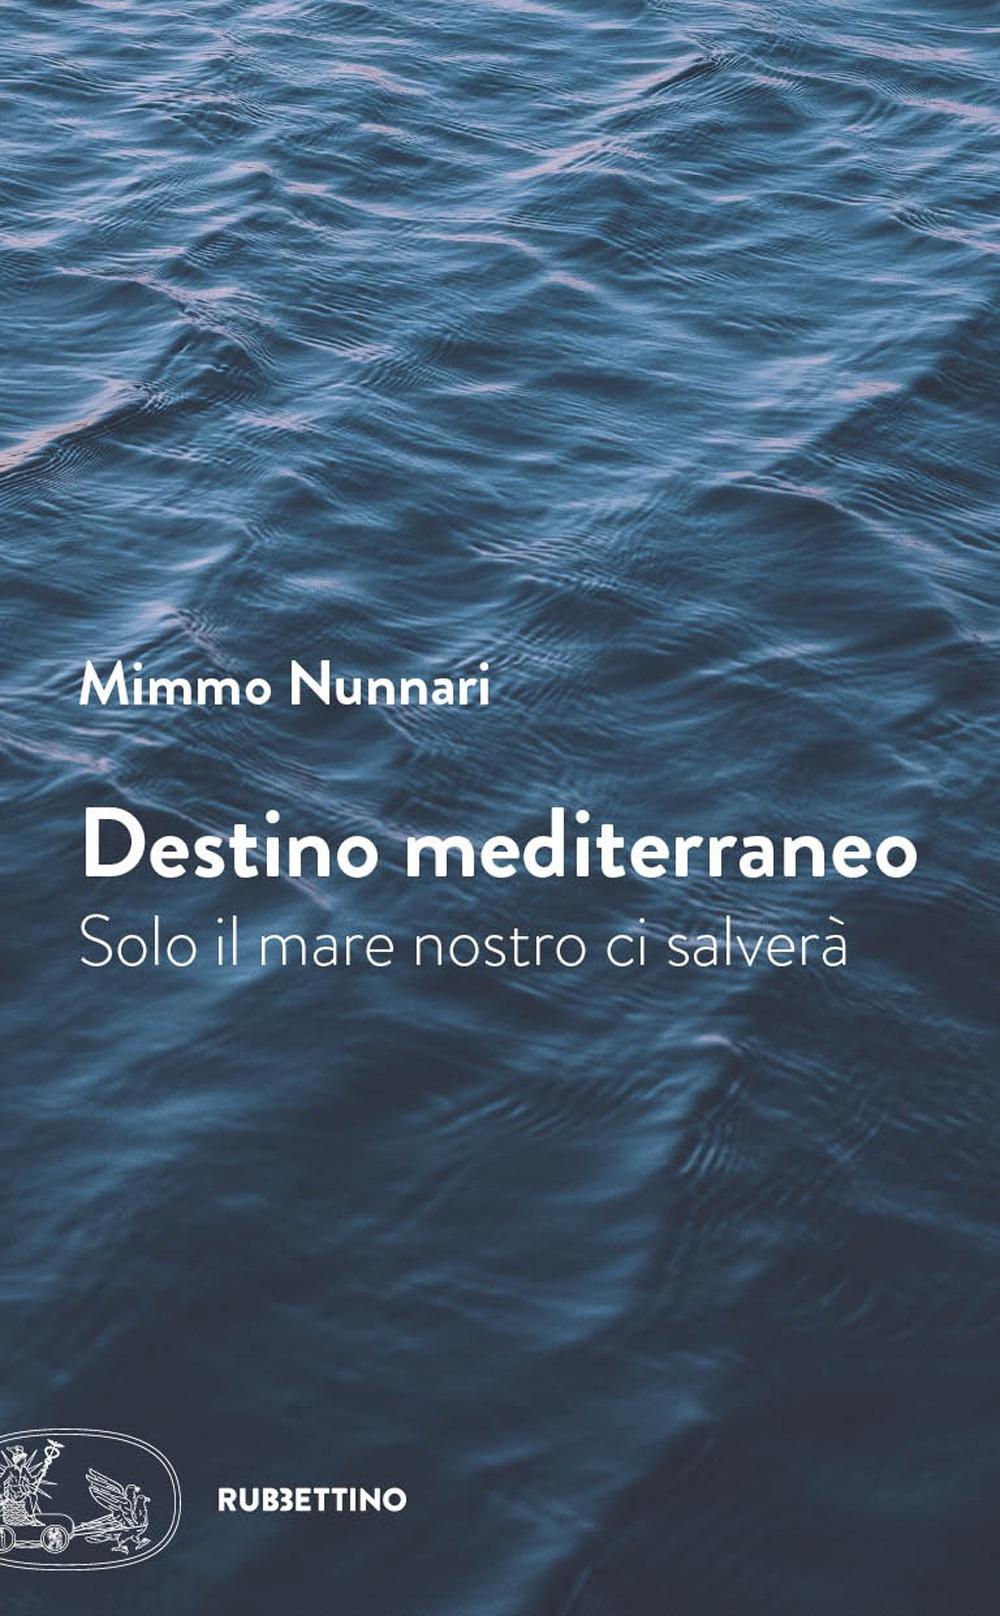 Destino mediterraneo. Solo il mare nostro ci salverà